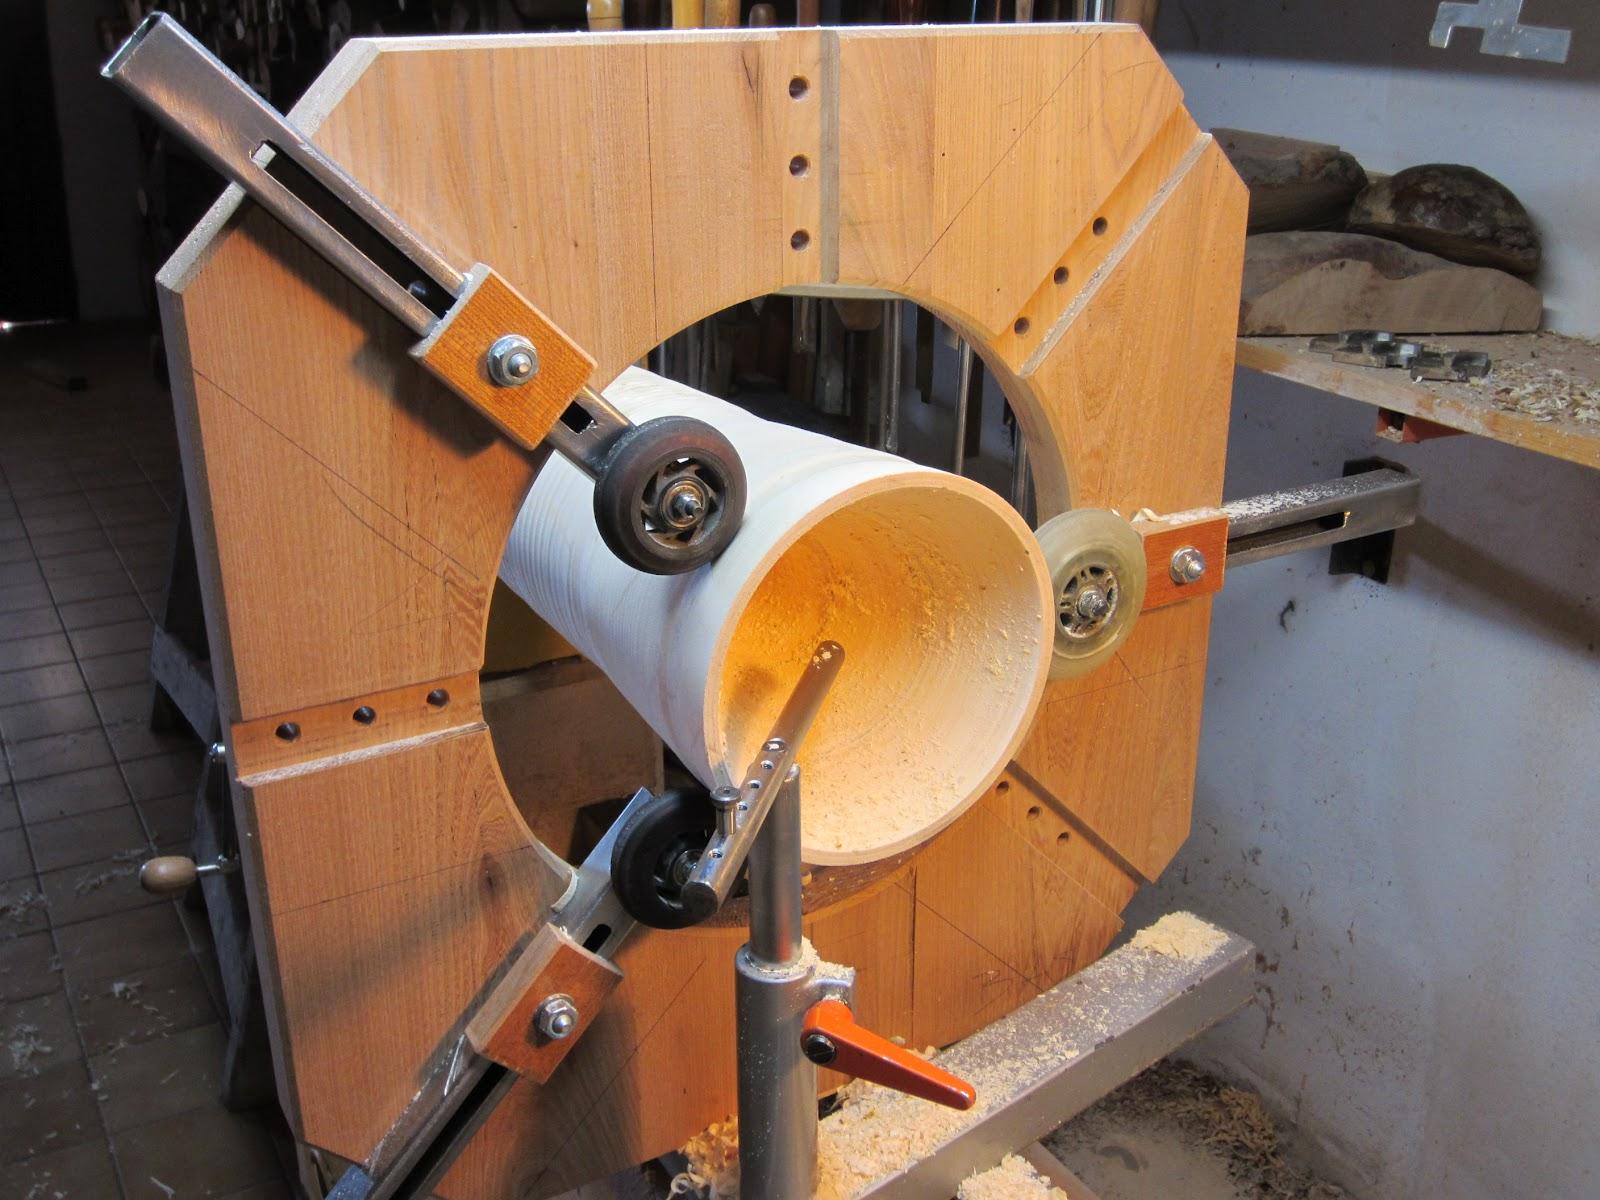 fabriquer un tour a bois fabriquer un tour a bois avec une perceuse tour bois en bois par. Black Bedroom Furniture Sets. Home Design Ideas